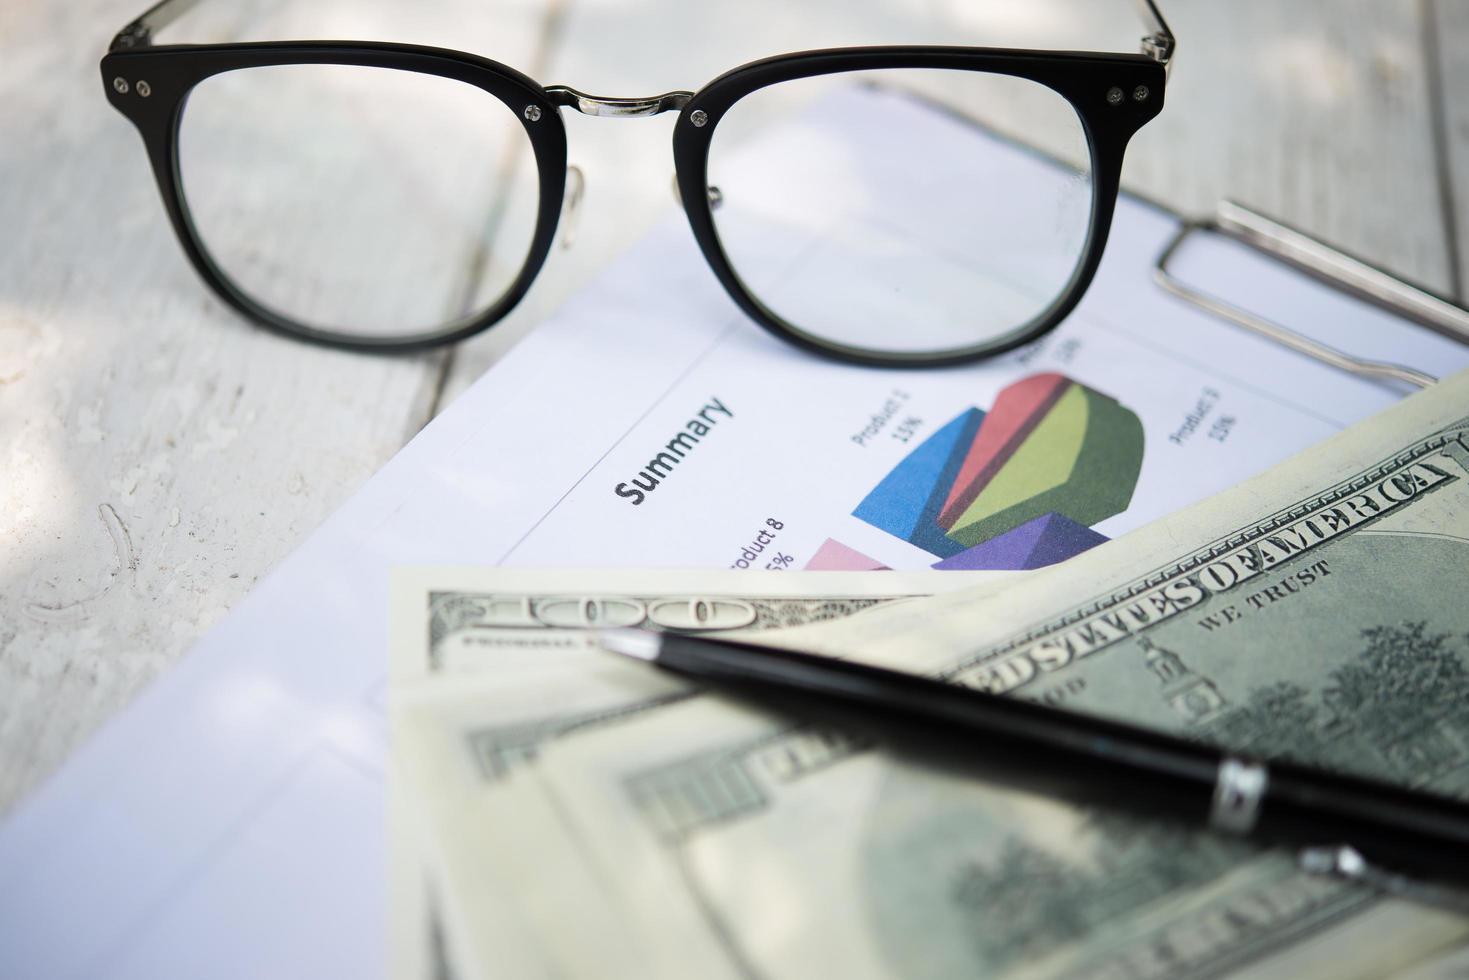 gros plan, de, table, à, documents, lunettes, stylo, et, billet dollar photo